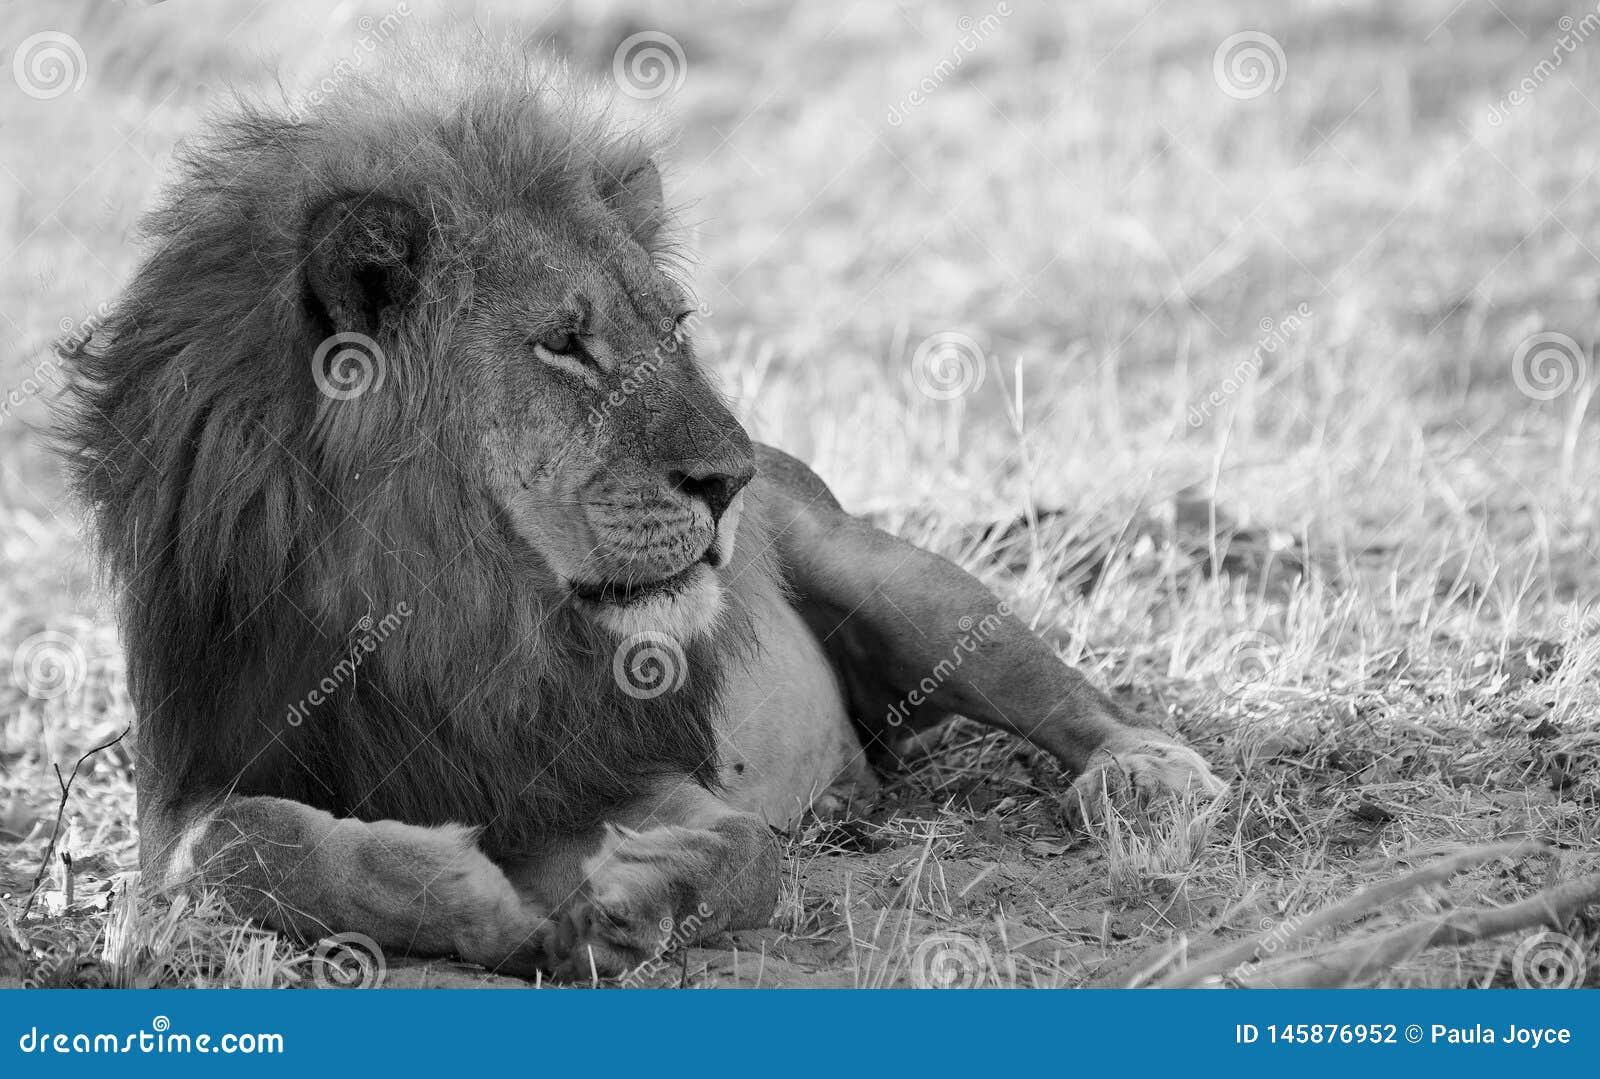 Immagine in bianco e nero di un leone africano maschio con una bella criniera, riposante sulle pianure nel parco nazionale di Hwa